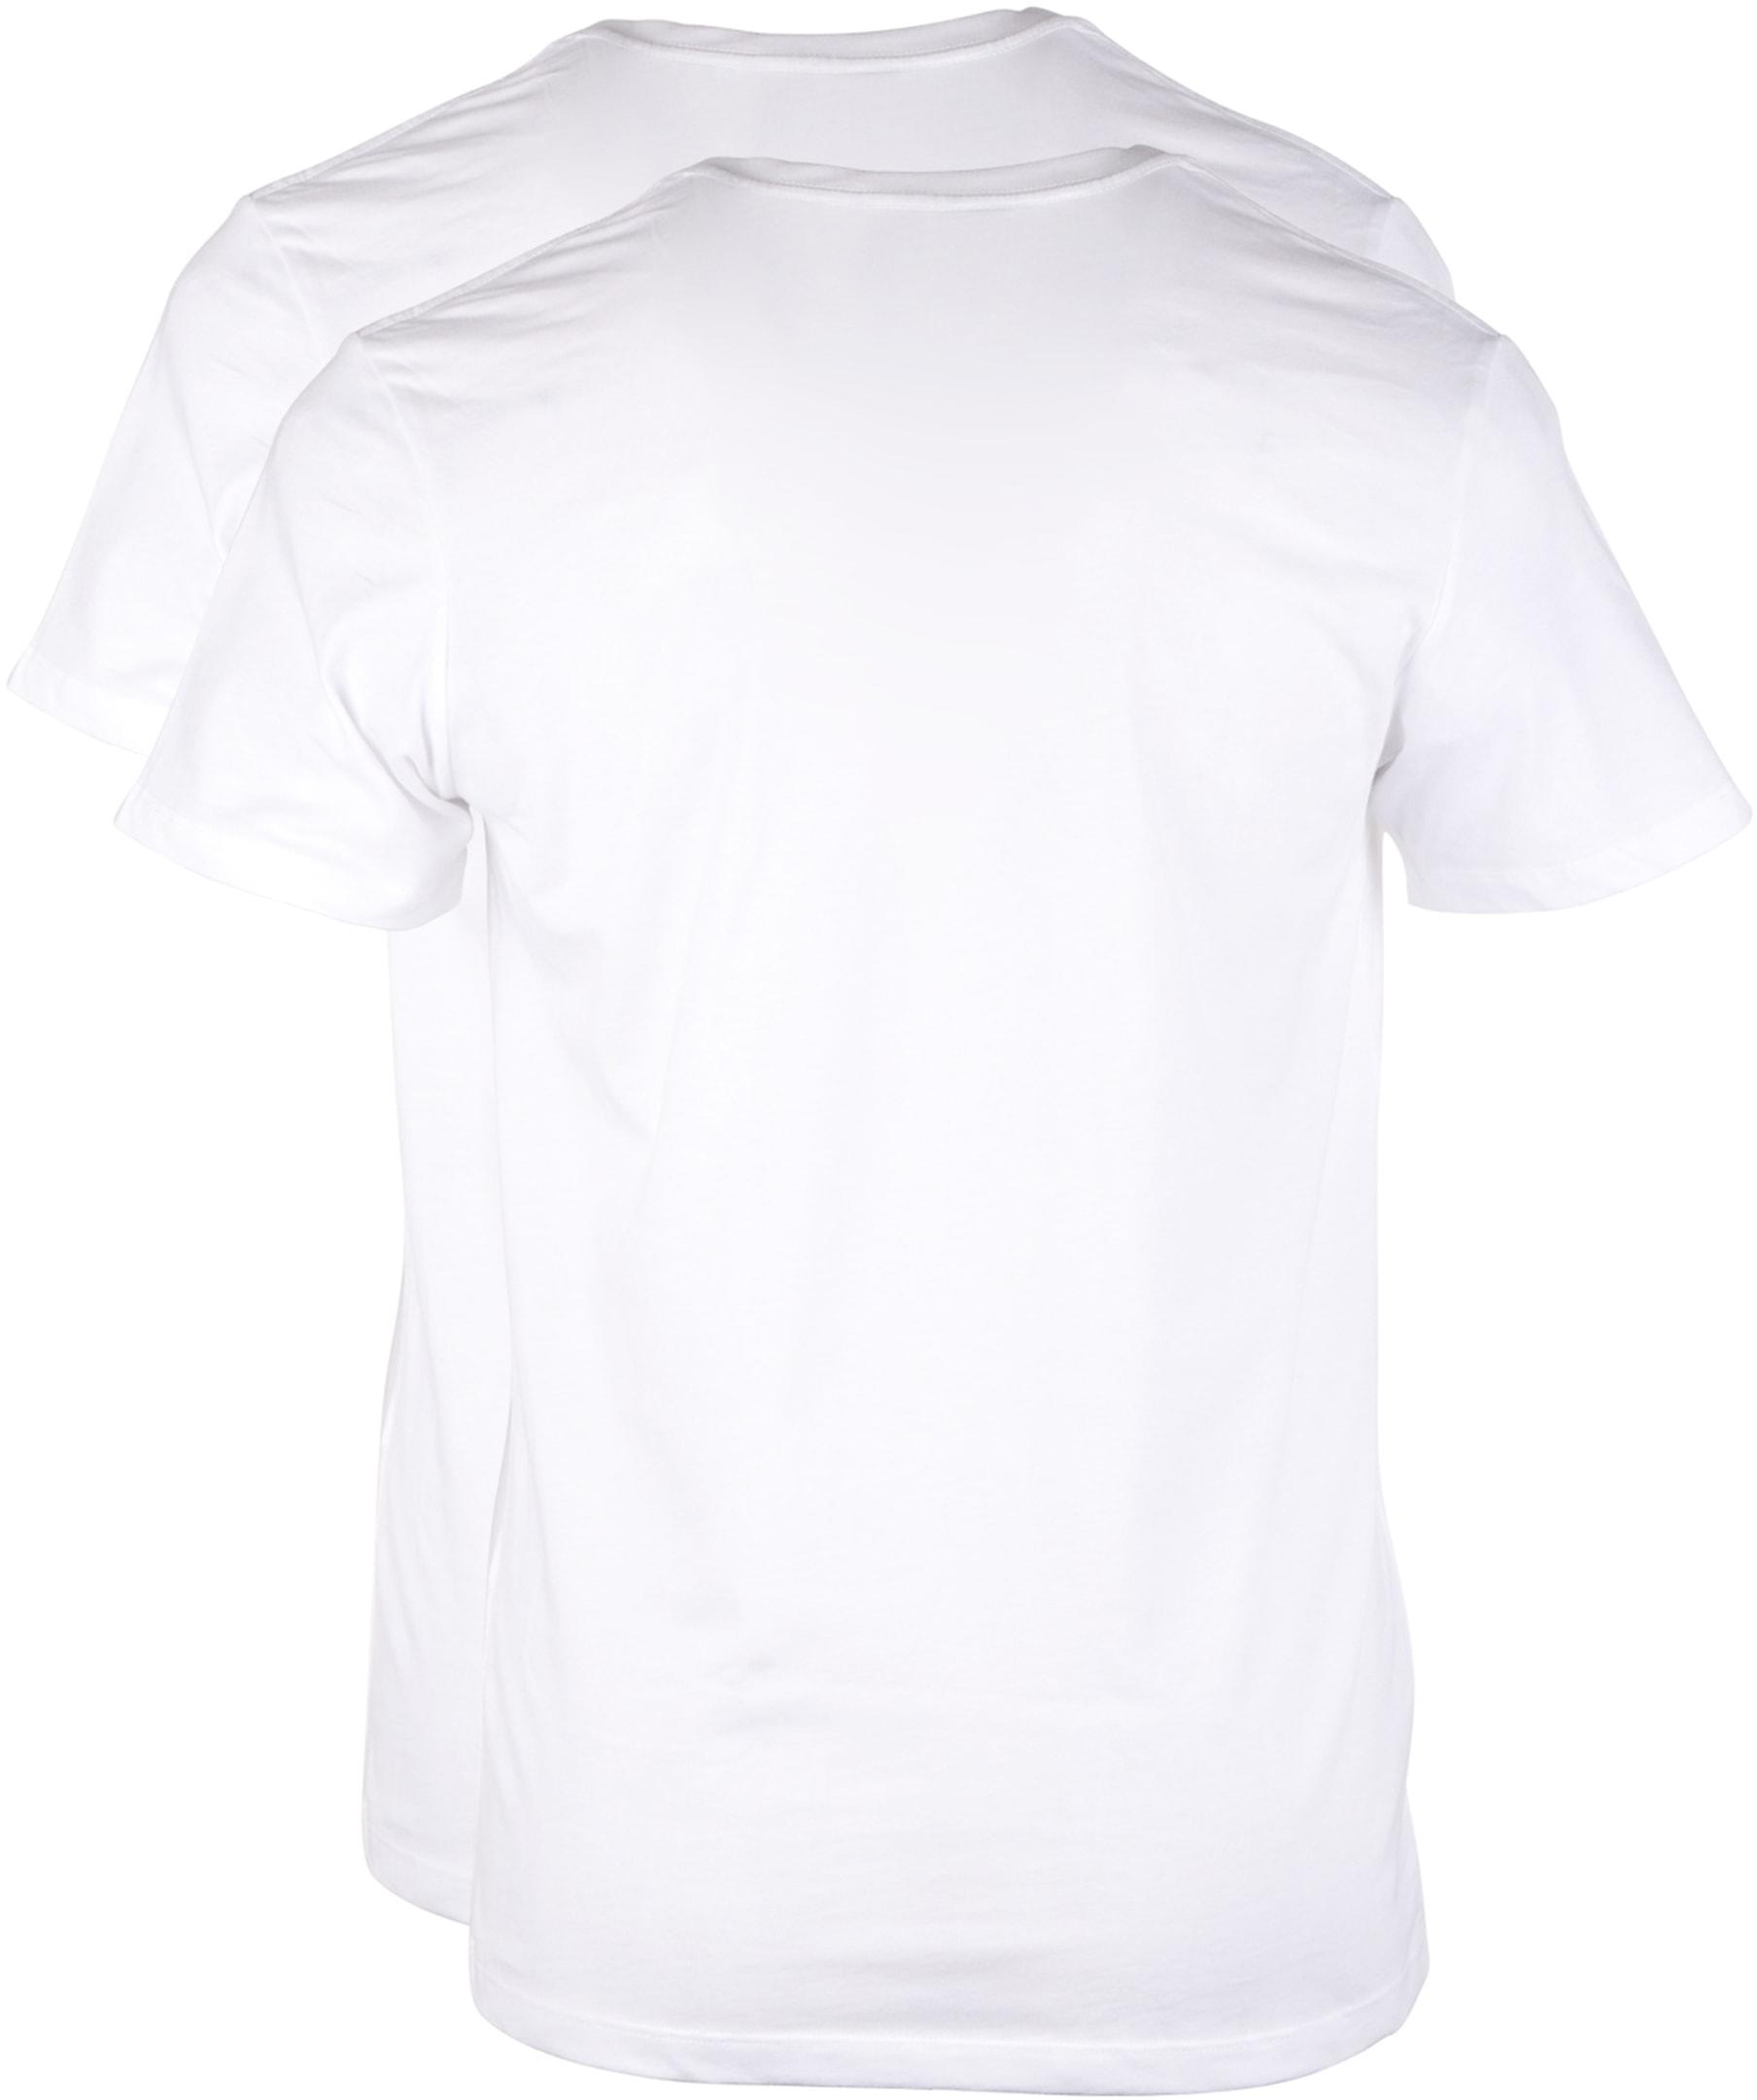 Levi's T-shirt Ronde Hals Wit 2Pack foto 1